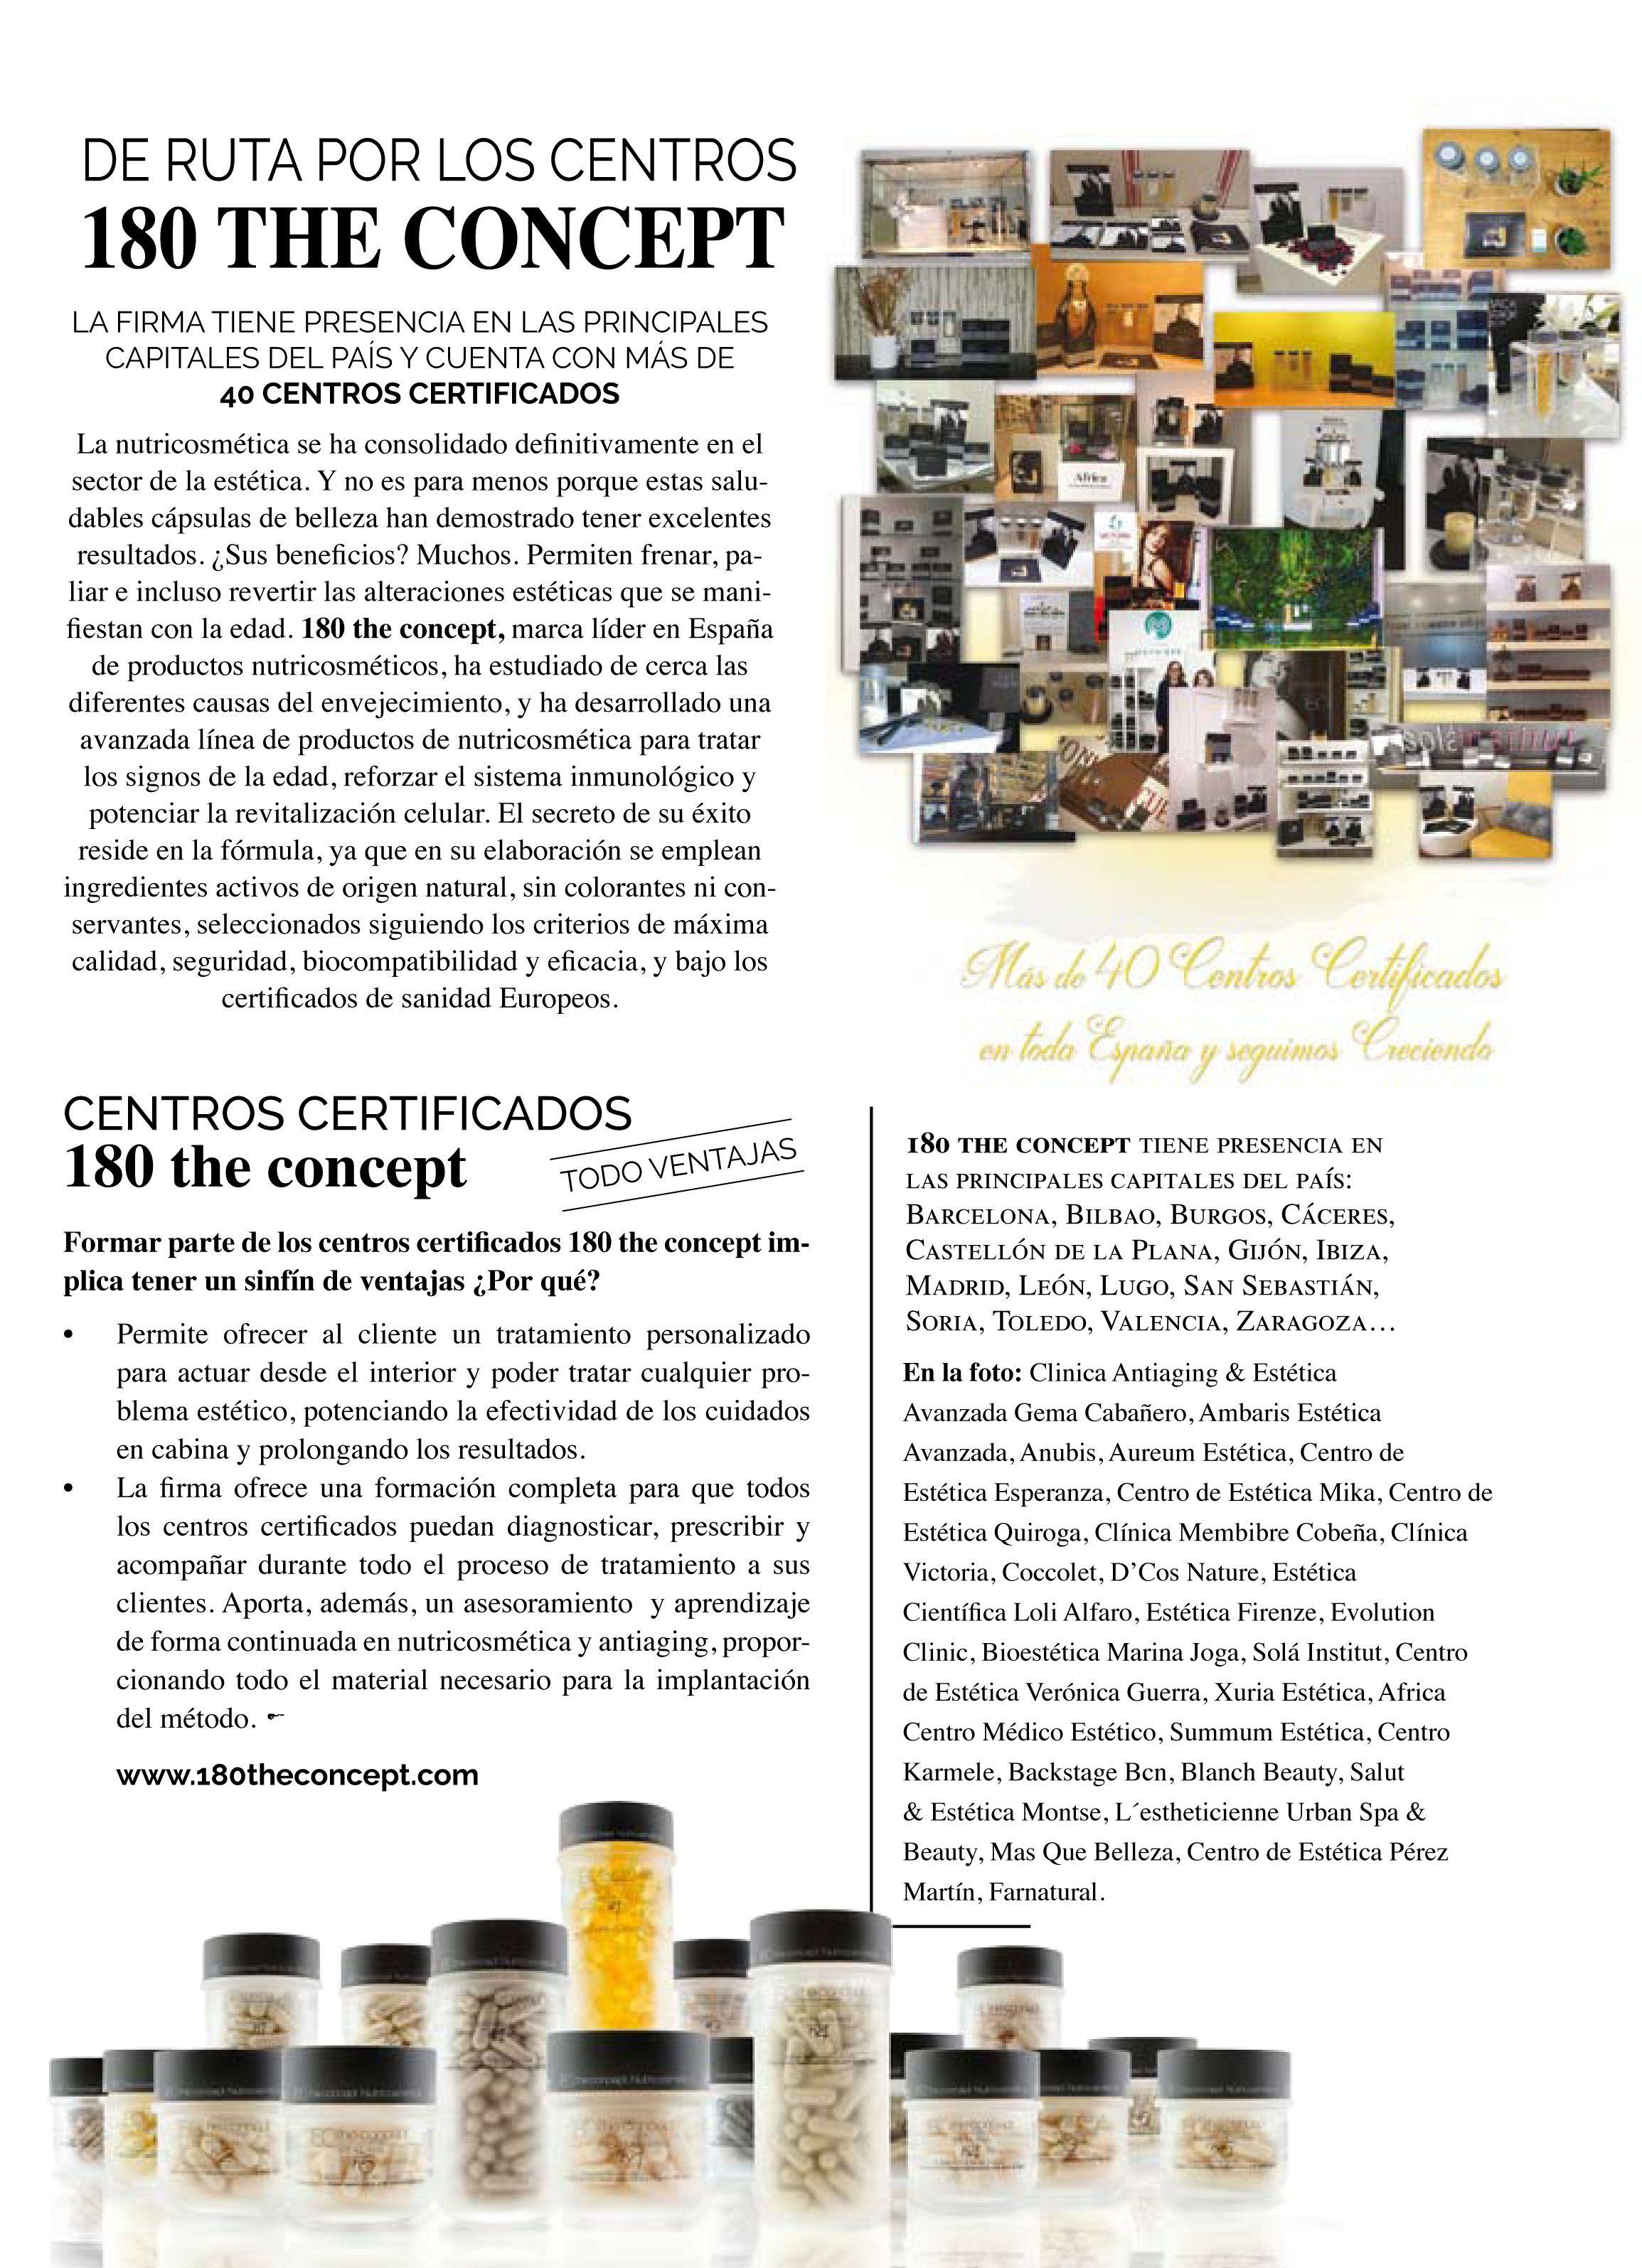 centros Certificados 180 the concept  en Nueva estética